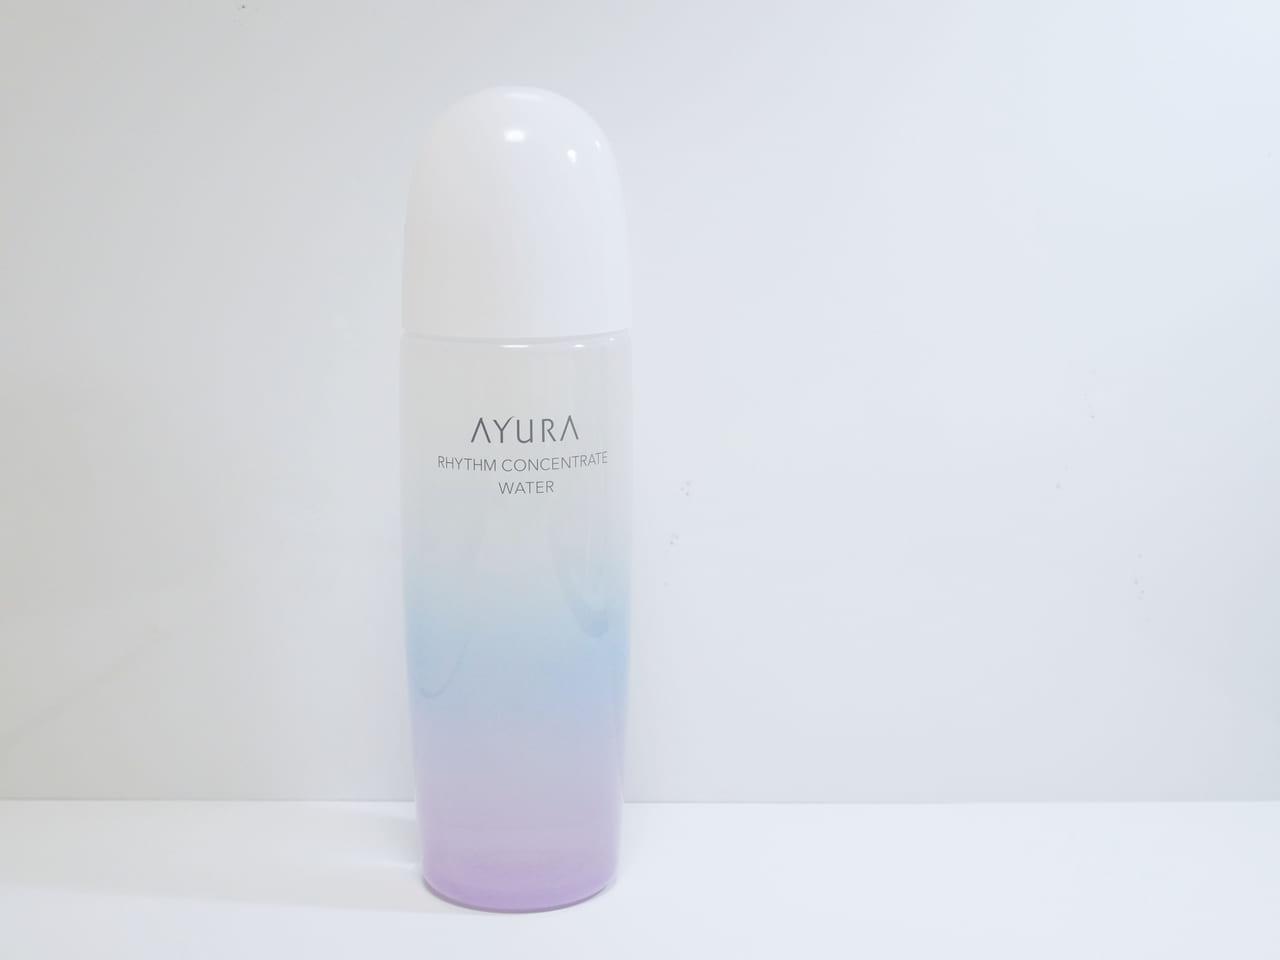 アユーラ リズムコンセントレート 化粧水 発売